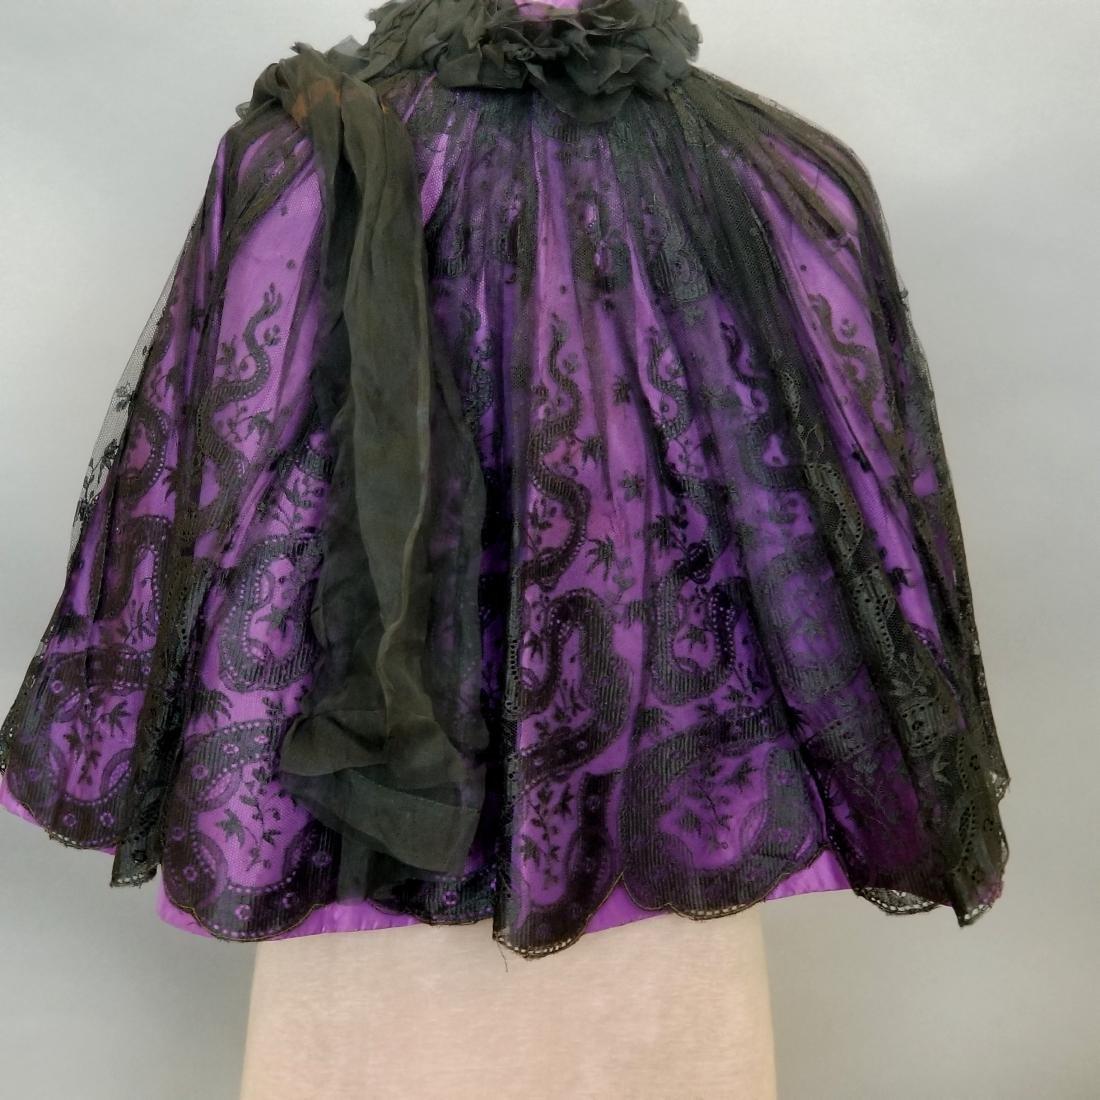 Black Lace Shoulder Cape - 5